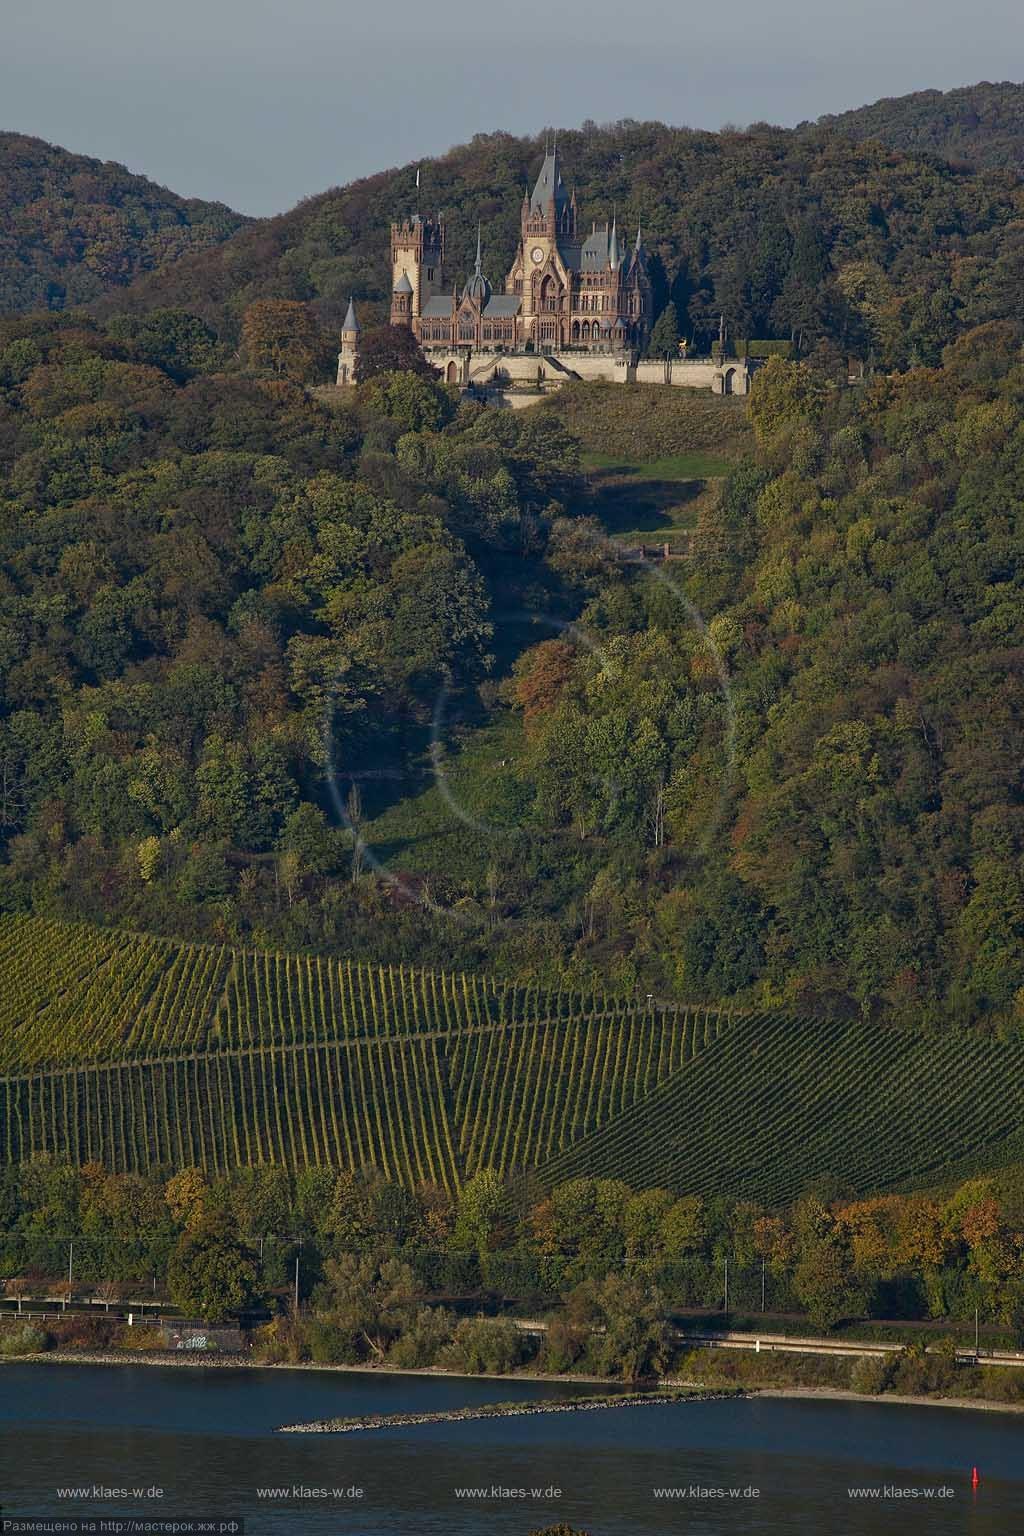 Siebengebirge, Blick von Remagen-Rolandswerth ueber den Rhein zum Schloss Drachenburg, Koenigswinter; View from Remagen-Rolandswert with Rhine river to castle Drachenburg, Koenigswinter